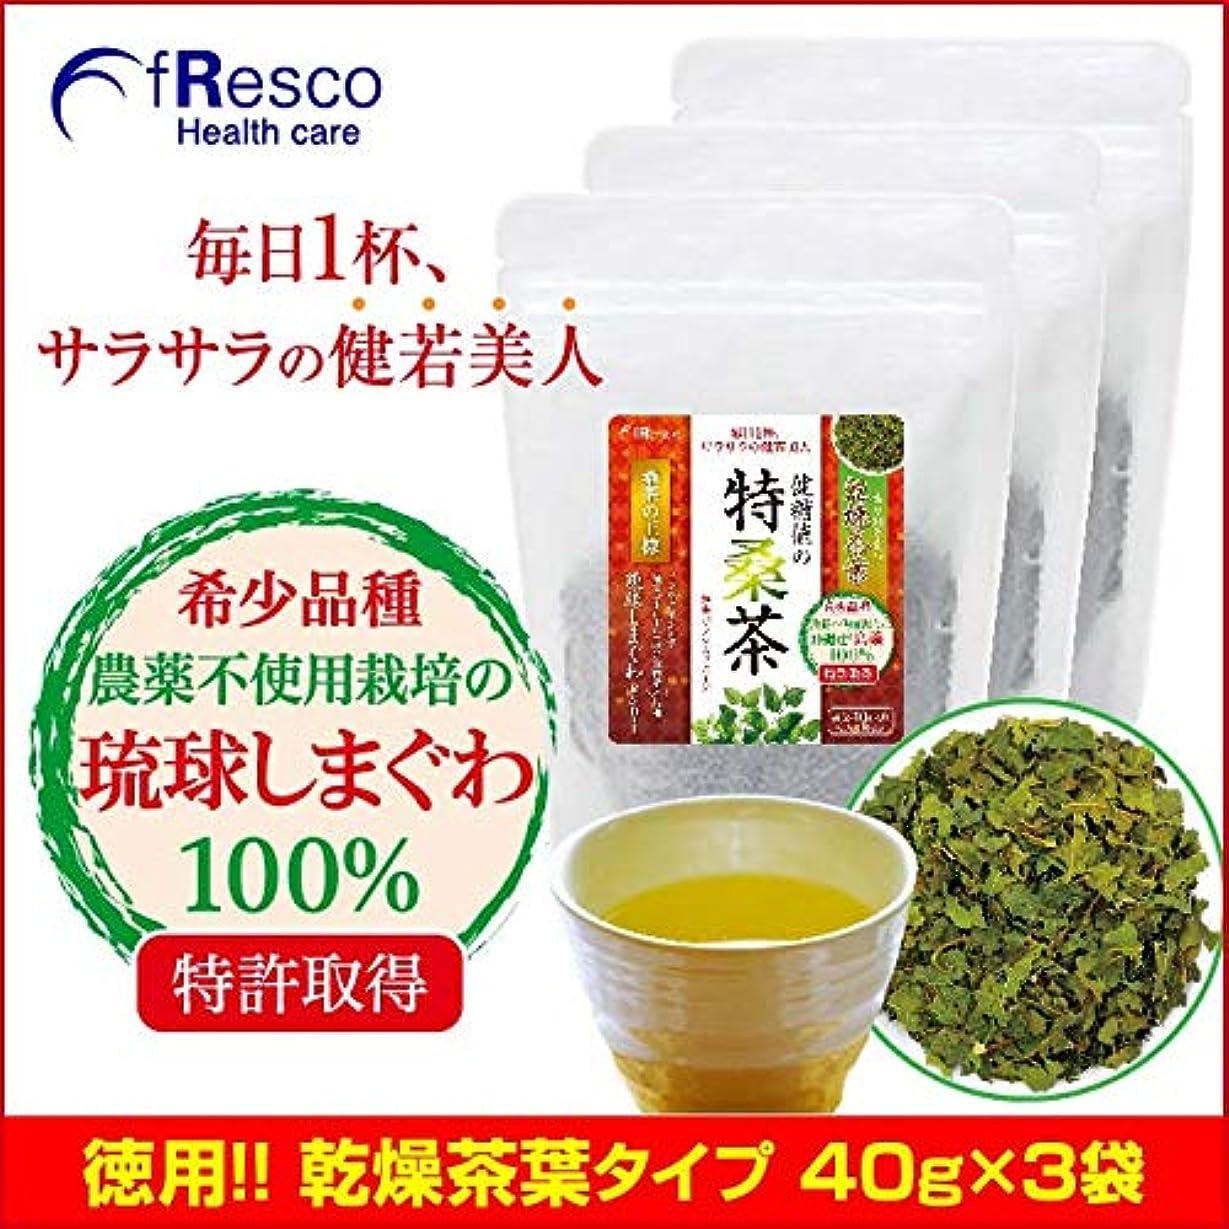 残り明らかにリスト桑茶の王様 琉球しまぐわ 健糖値の特桑茶 乾燥茶葉40g 90日分(3個セット)